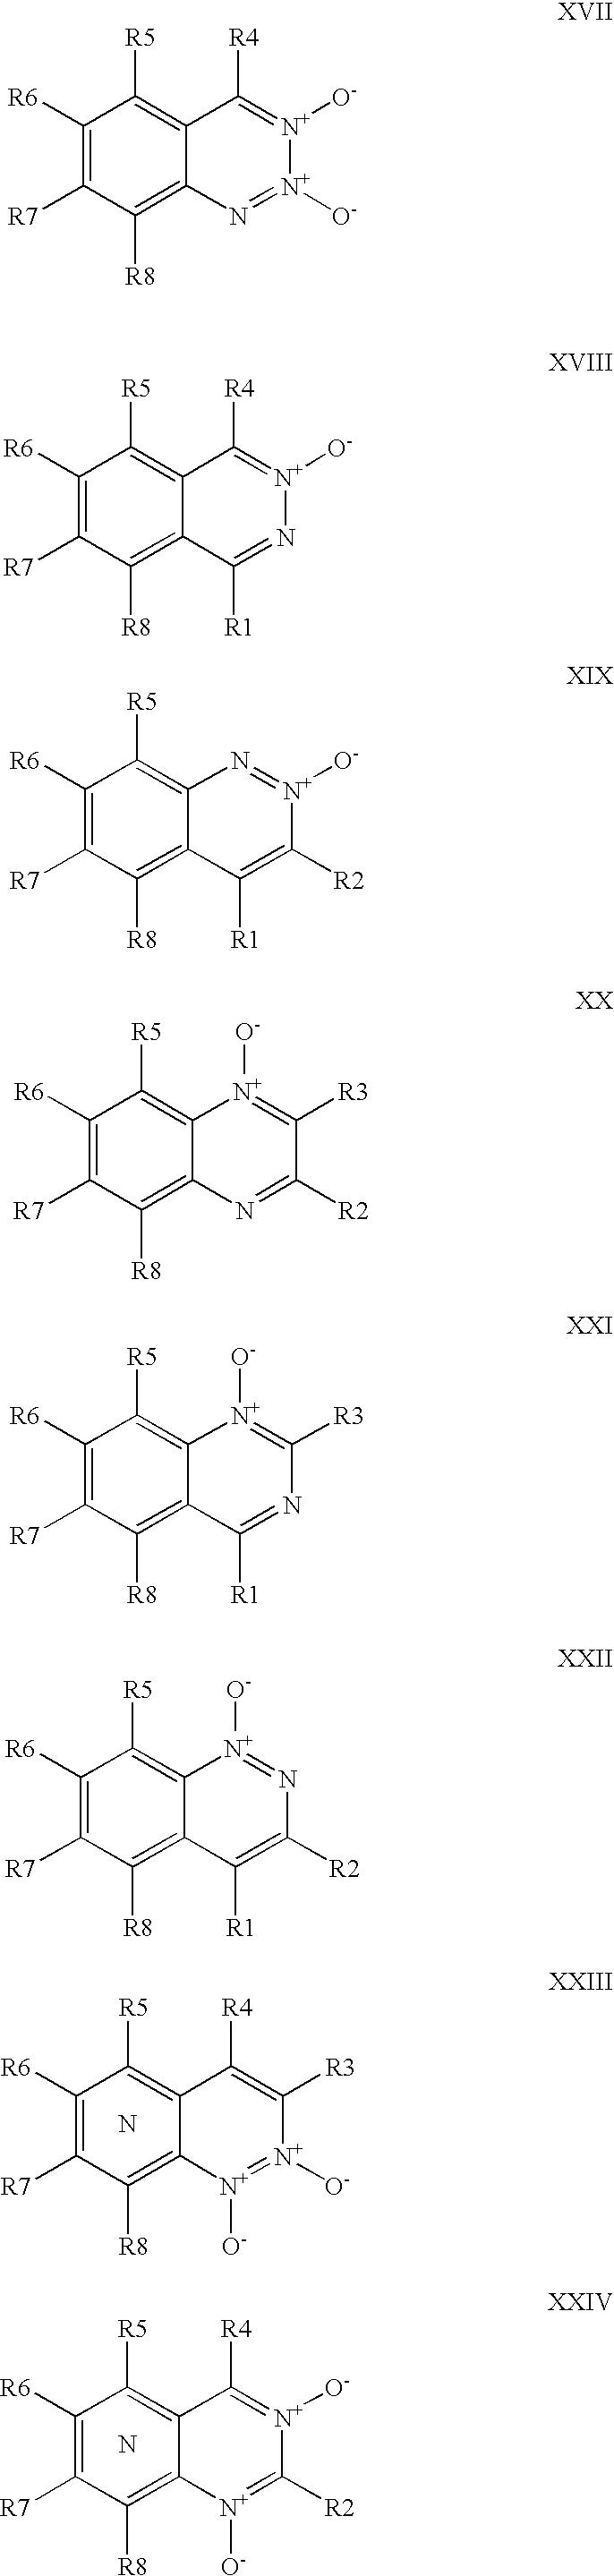 Figure US20060156483A1-20060720-C00025